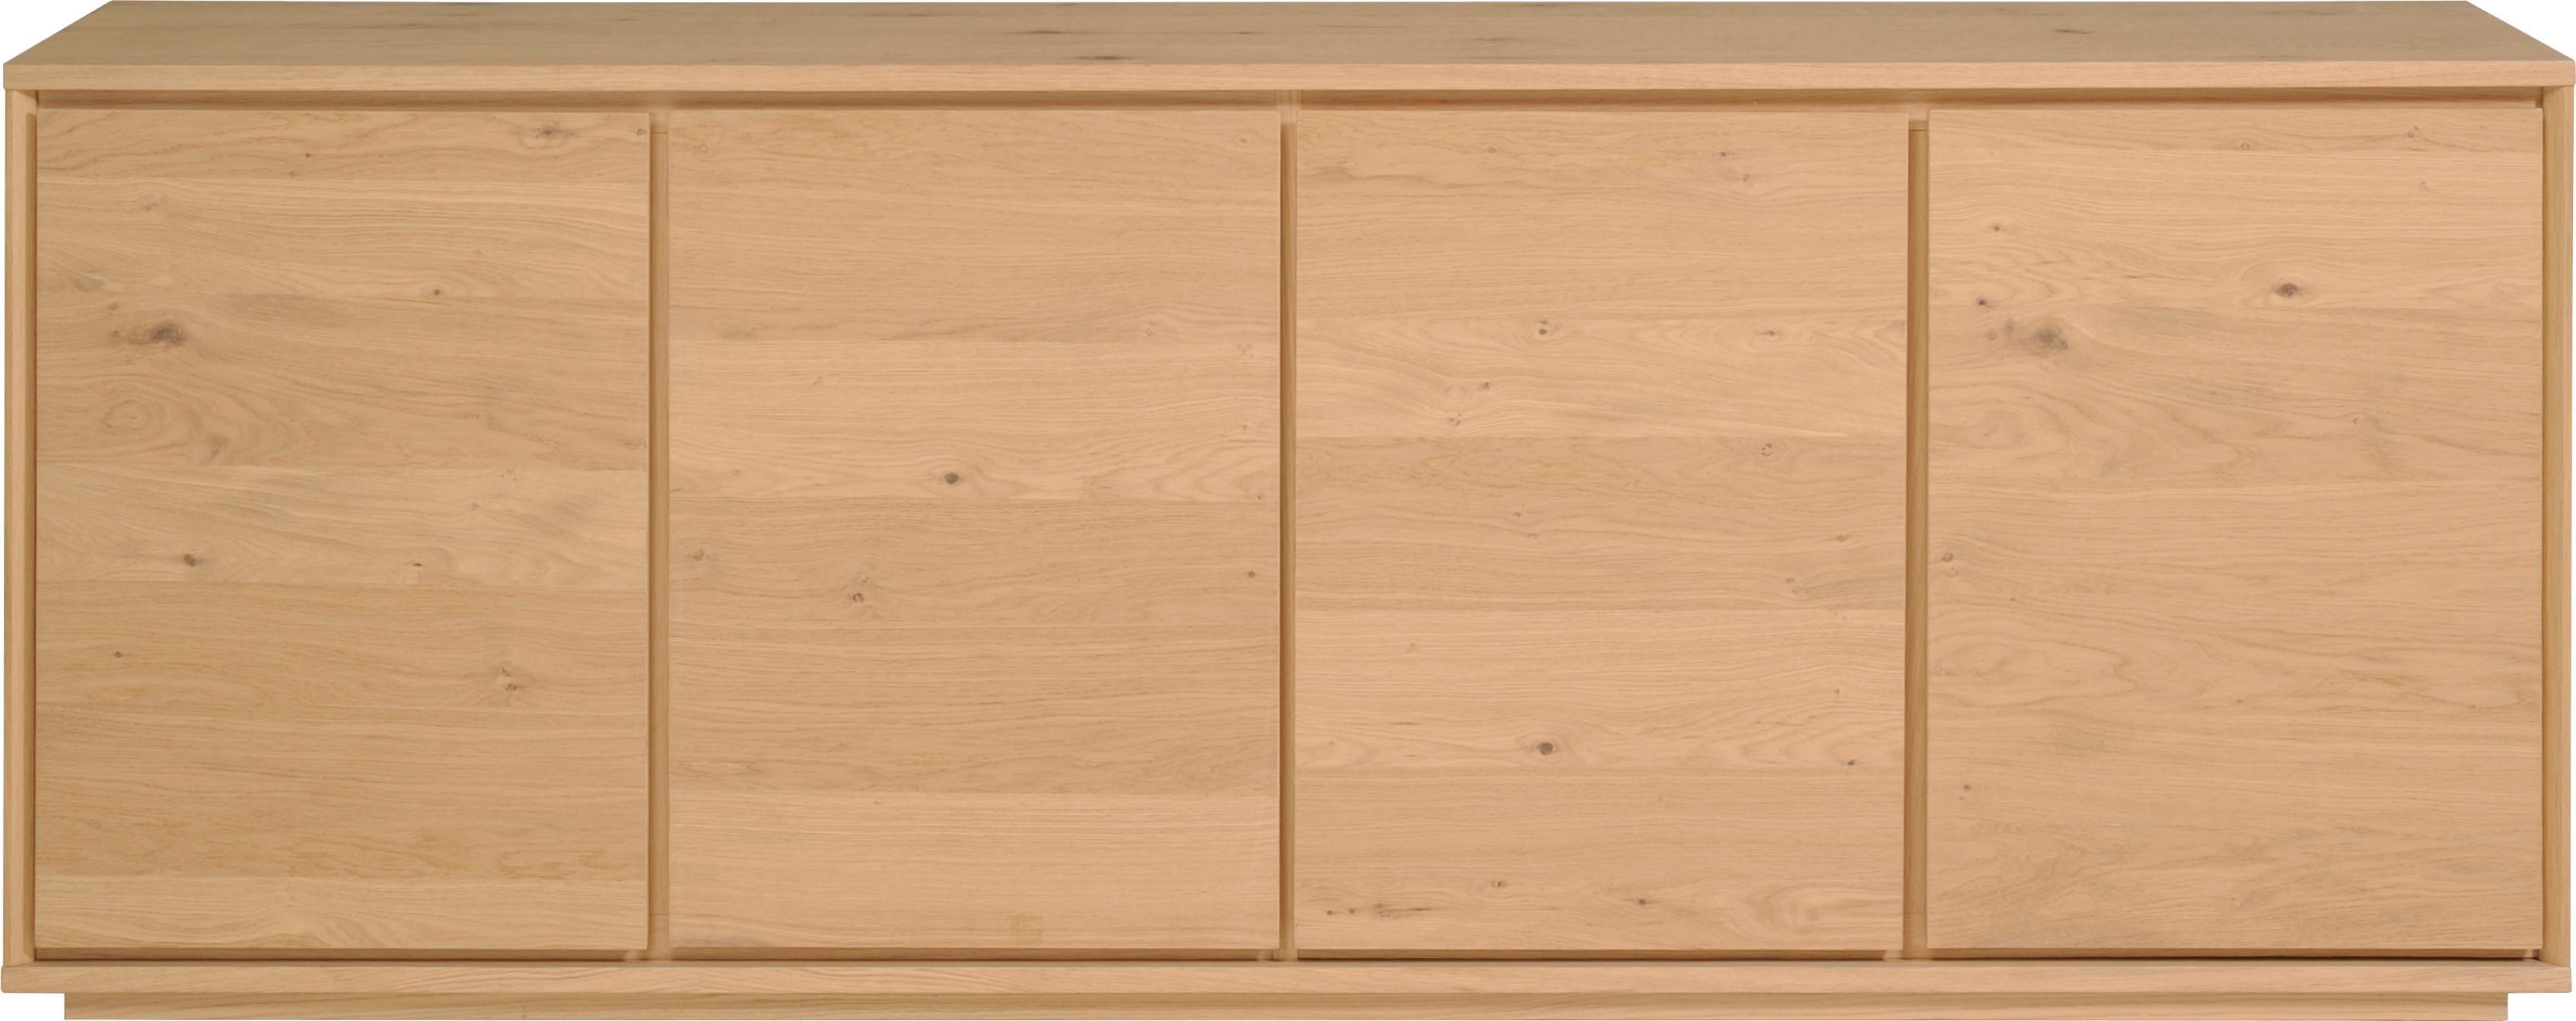 Home affaire Sideboard Stockholm 4-türig mit schönem Fußuntergestell Breite 217 cm